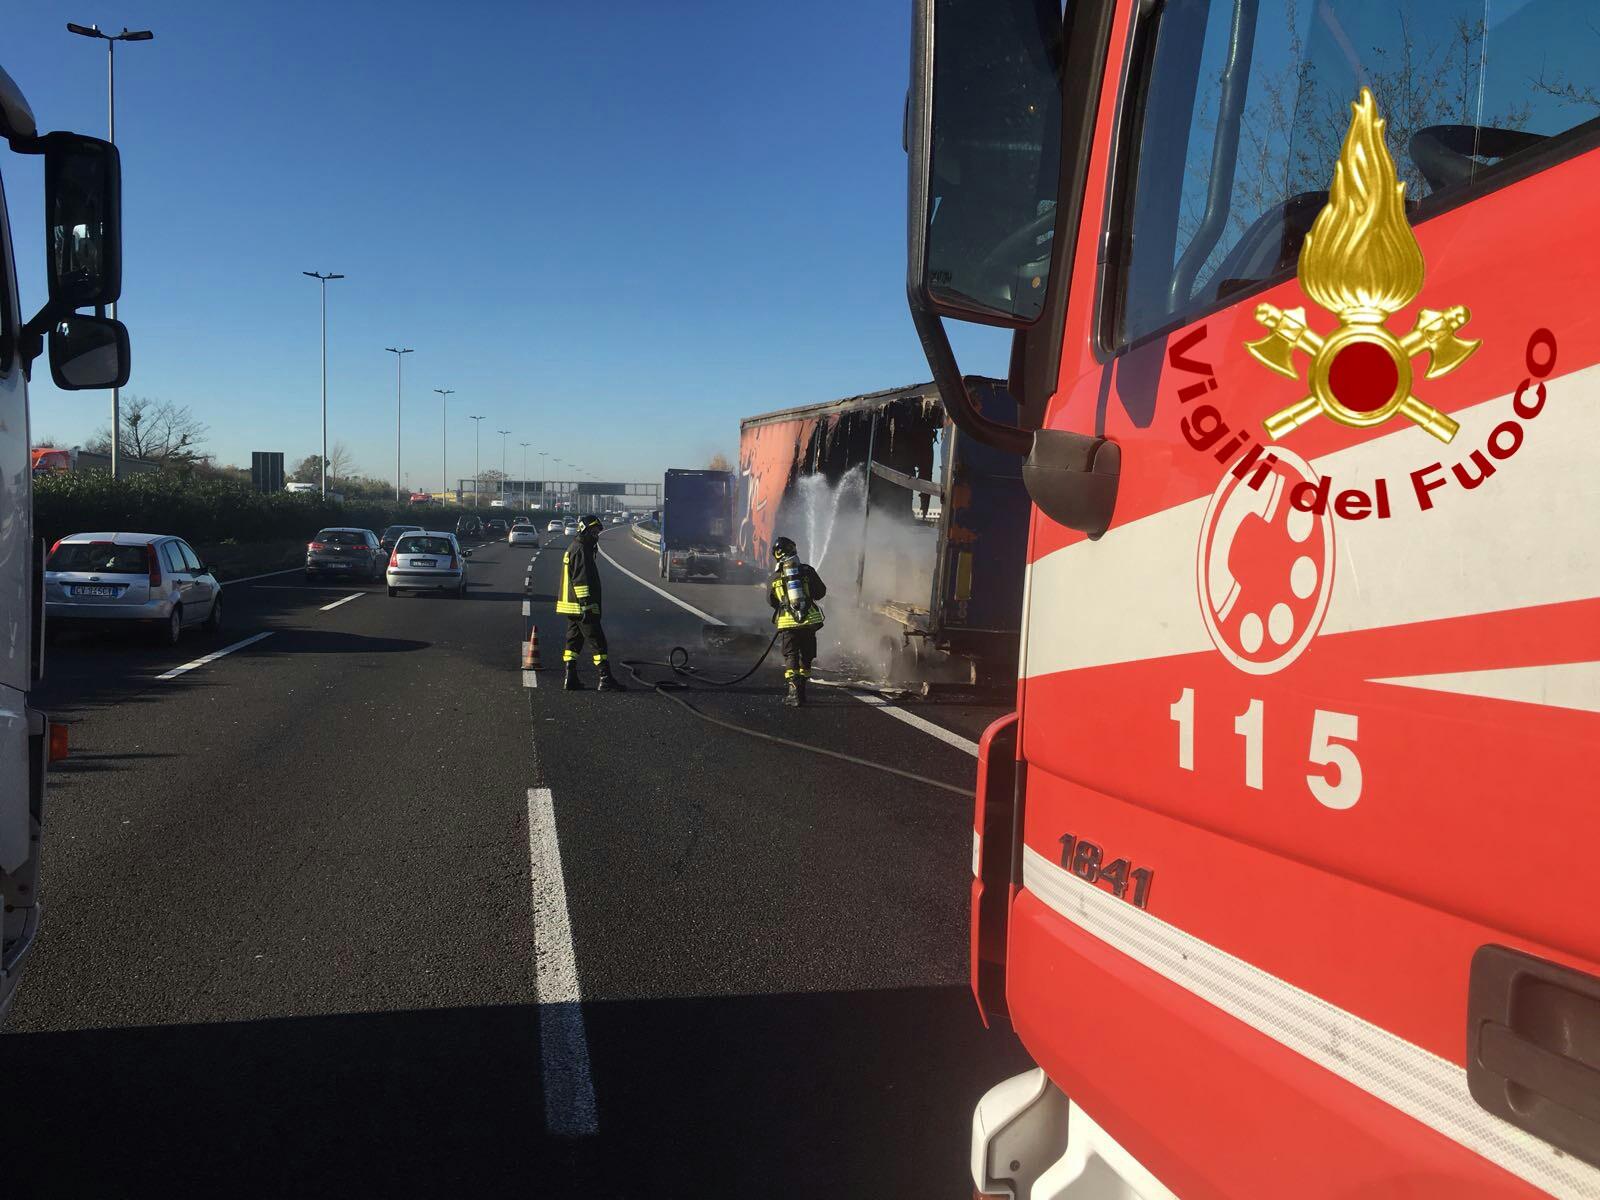 SS675 Umbro-Laziale: chiusa la carreggiata in direzione Terni per un veicolo in fiamme